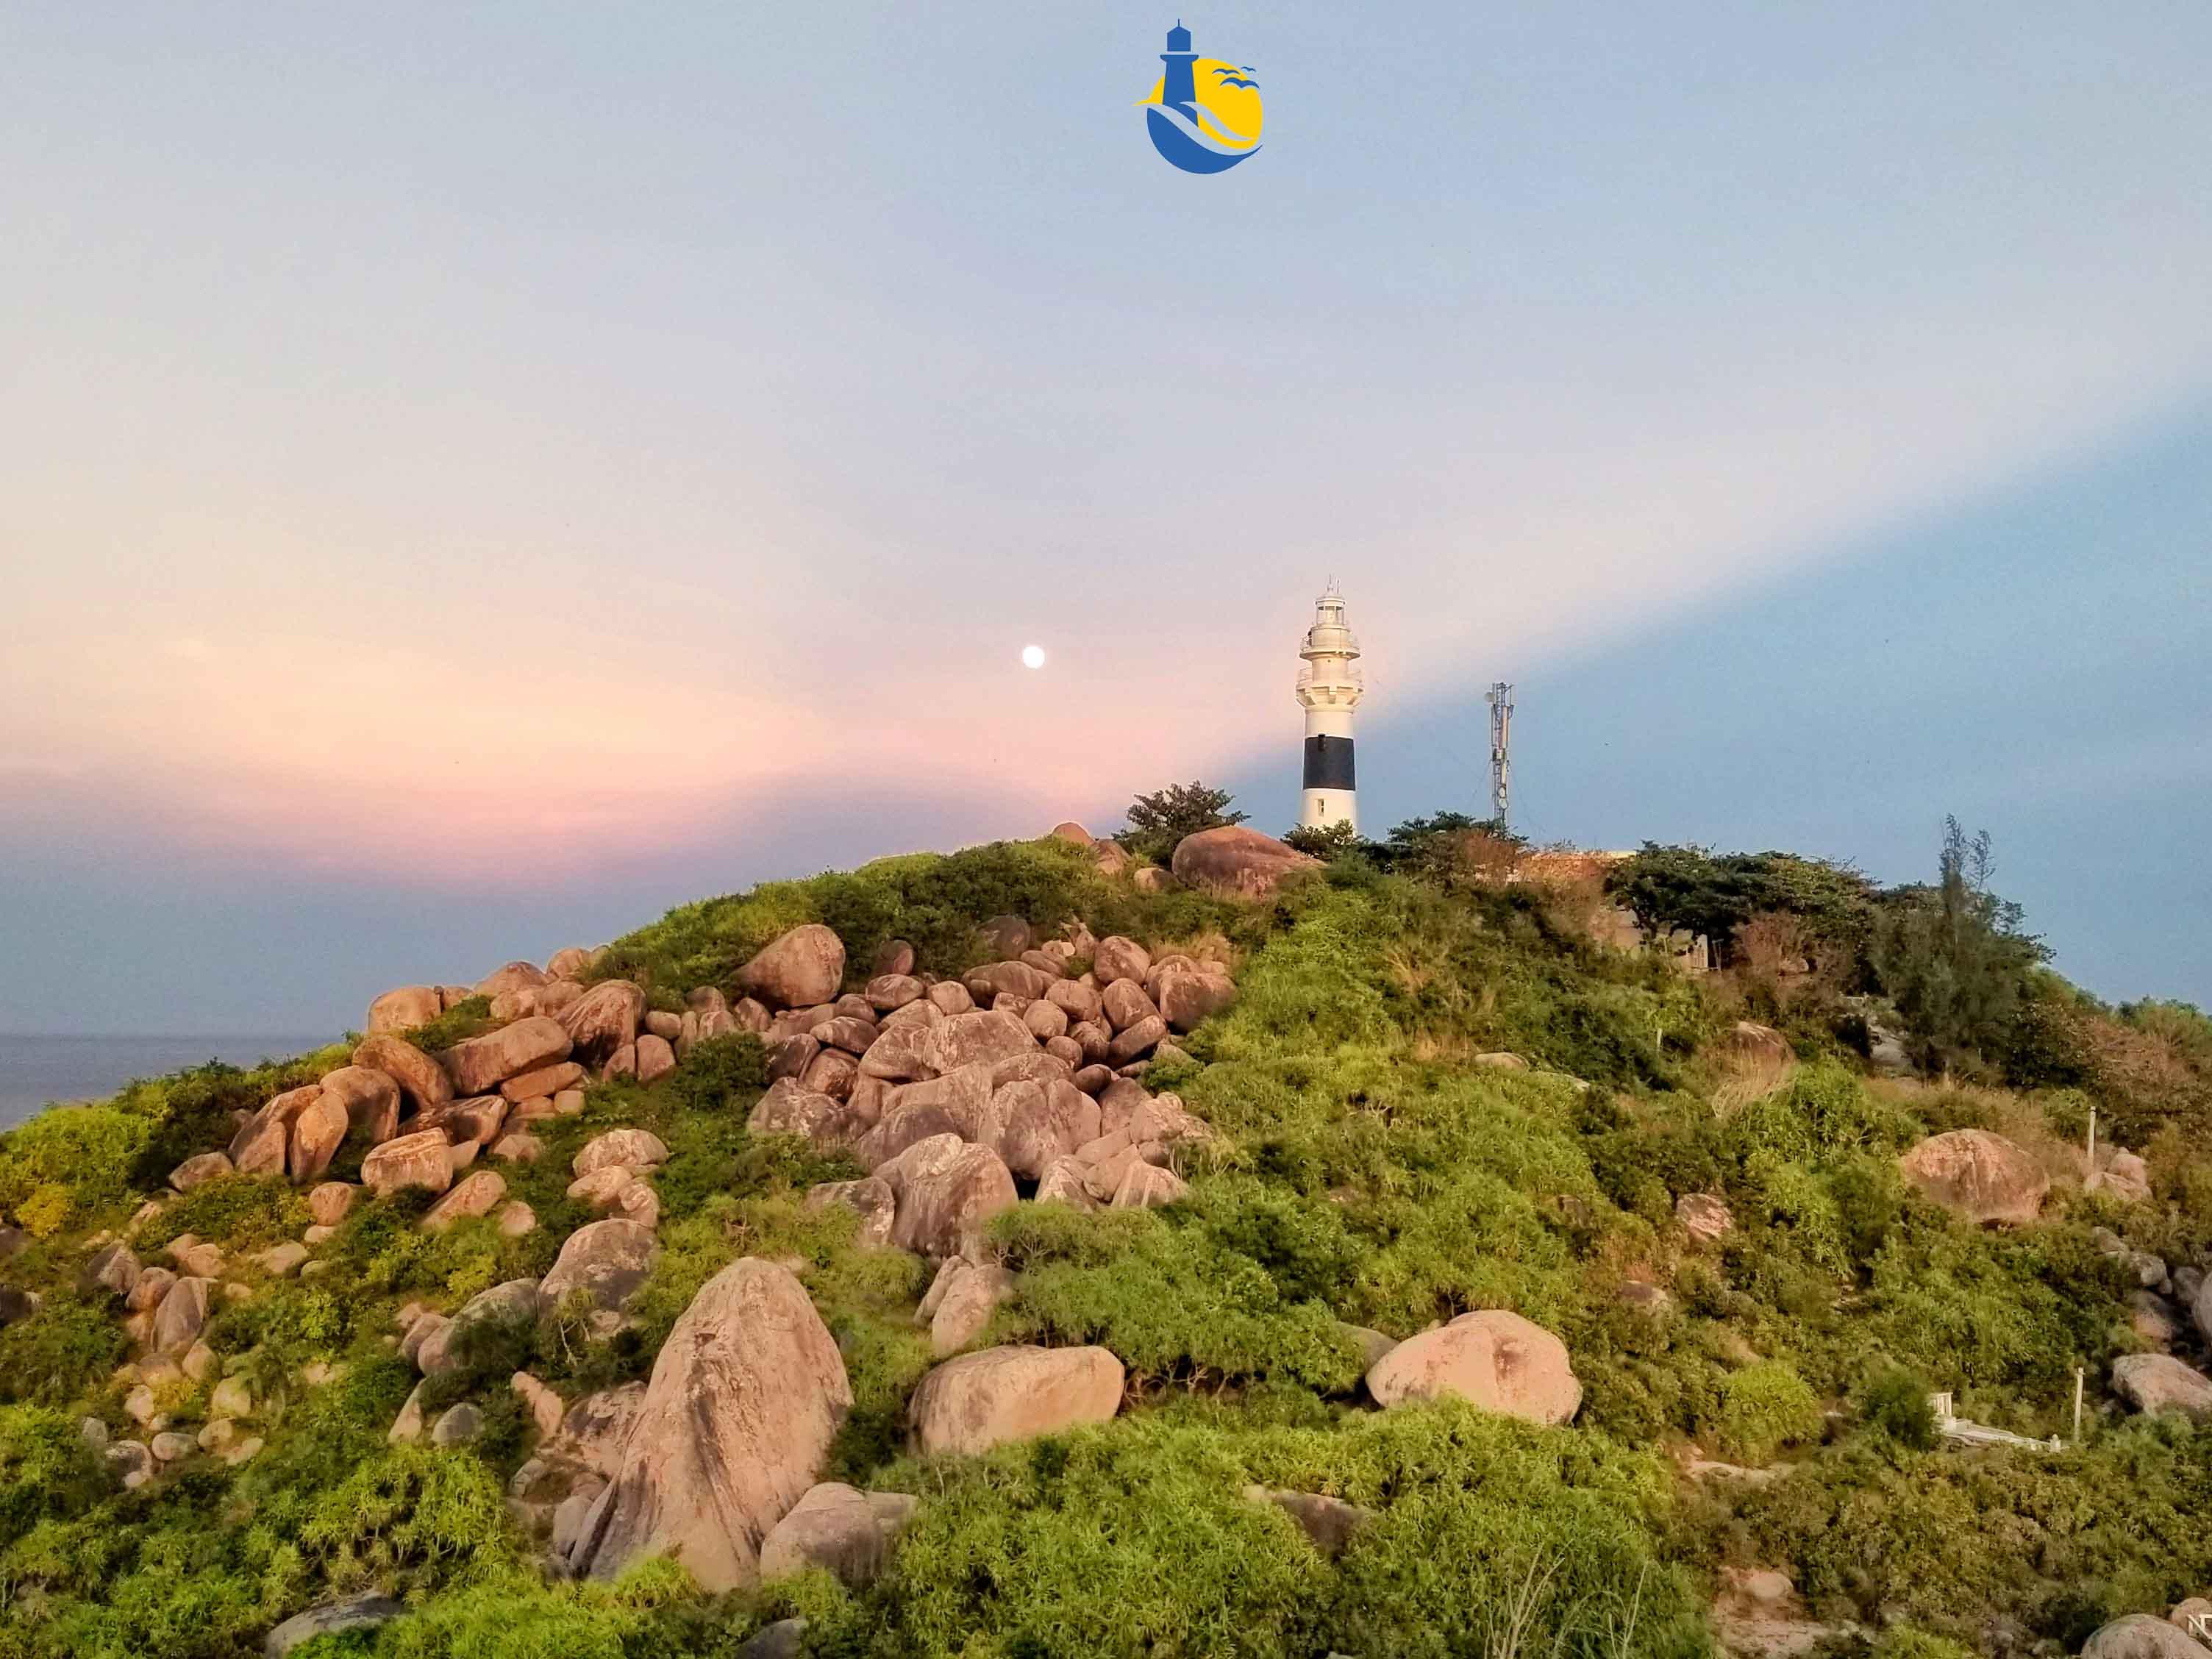 Ngọn hải đăng PlogamBir - biểu tượng của Cù Lao Xanh